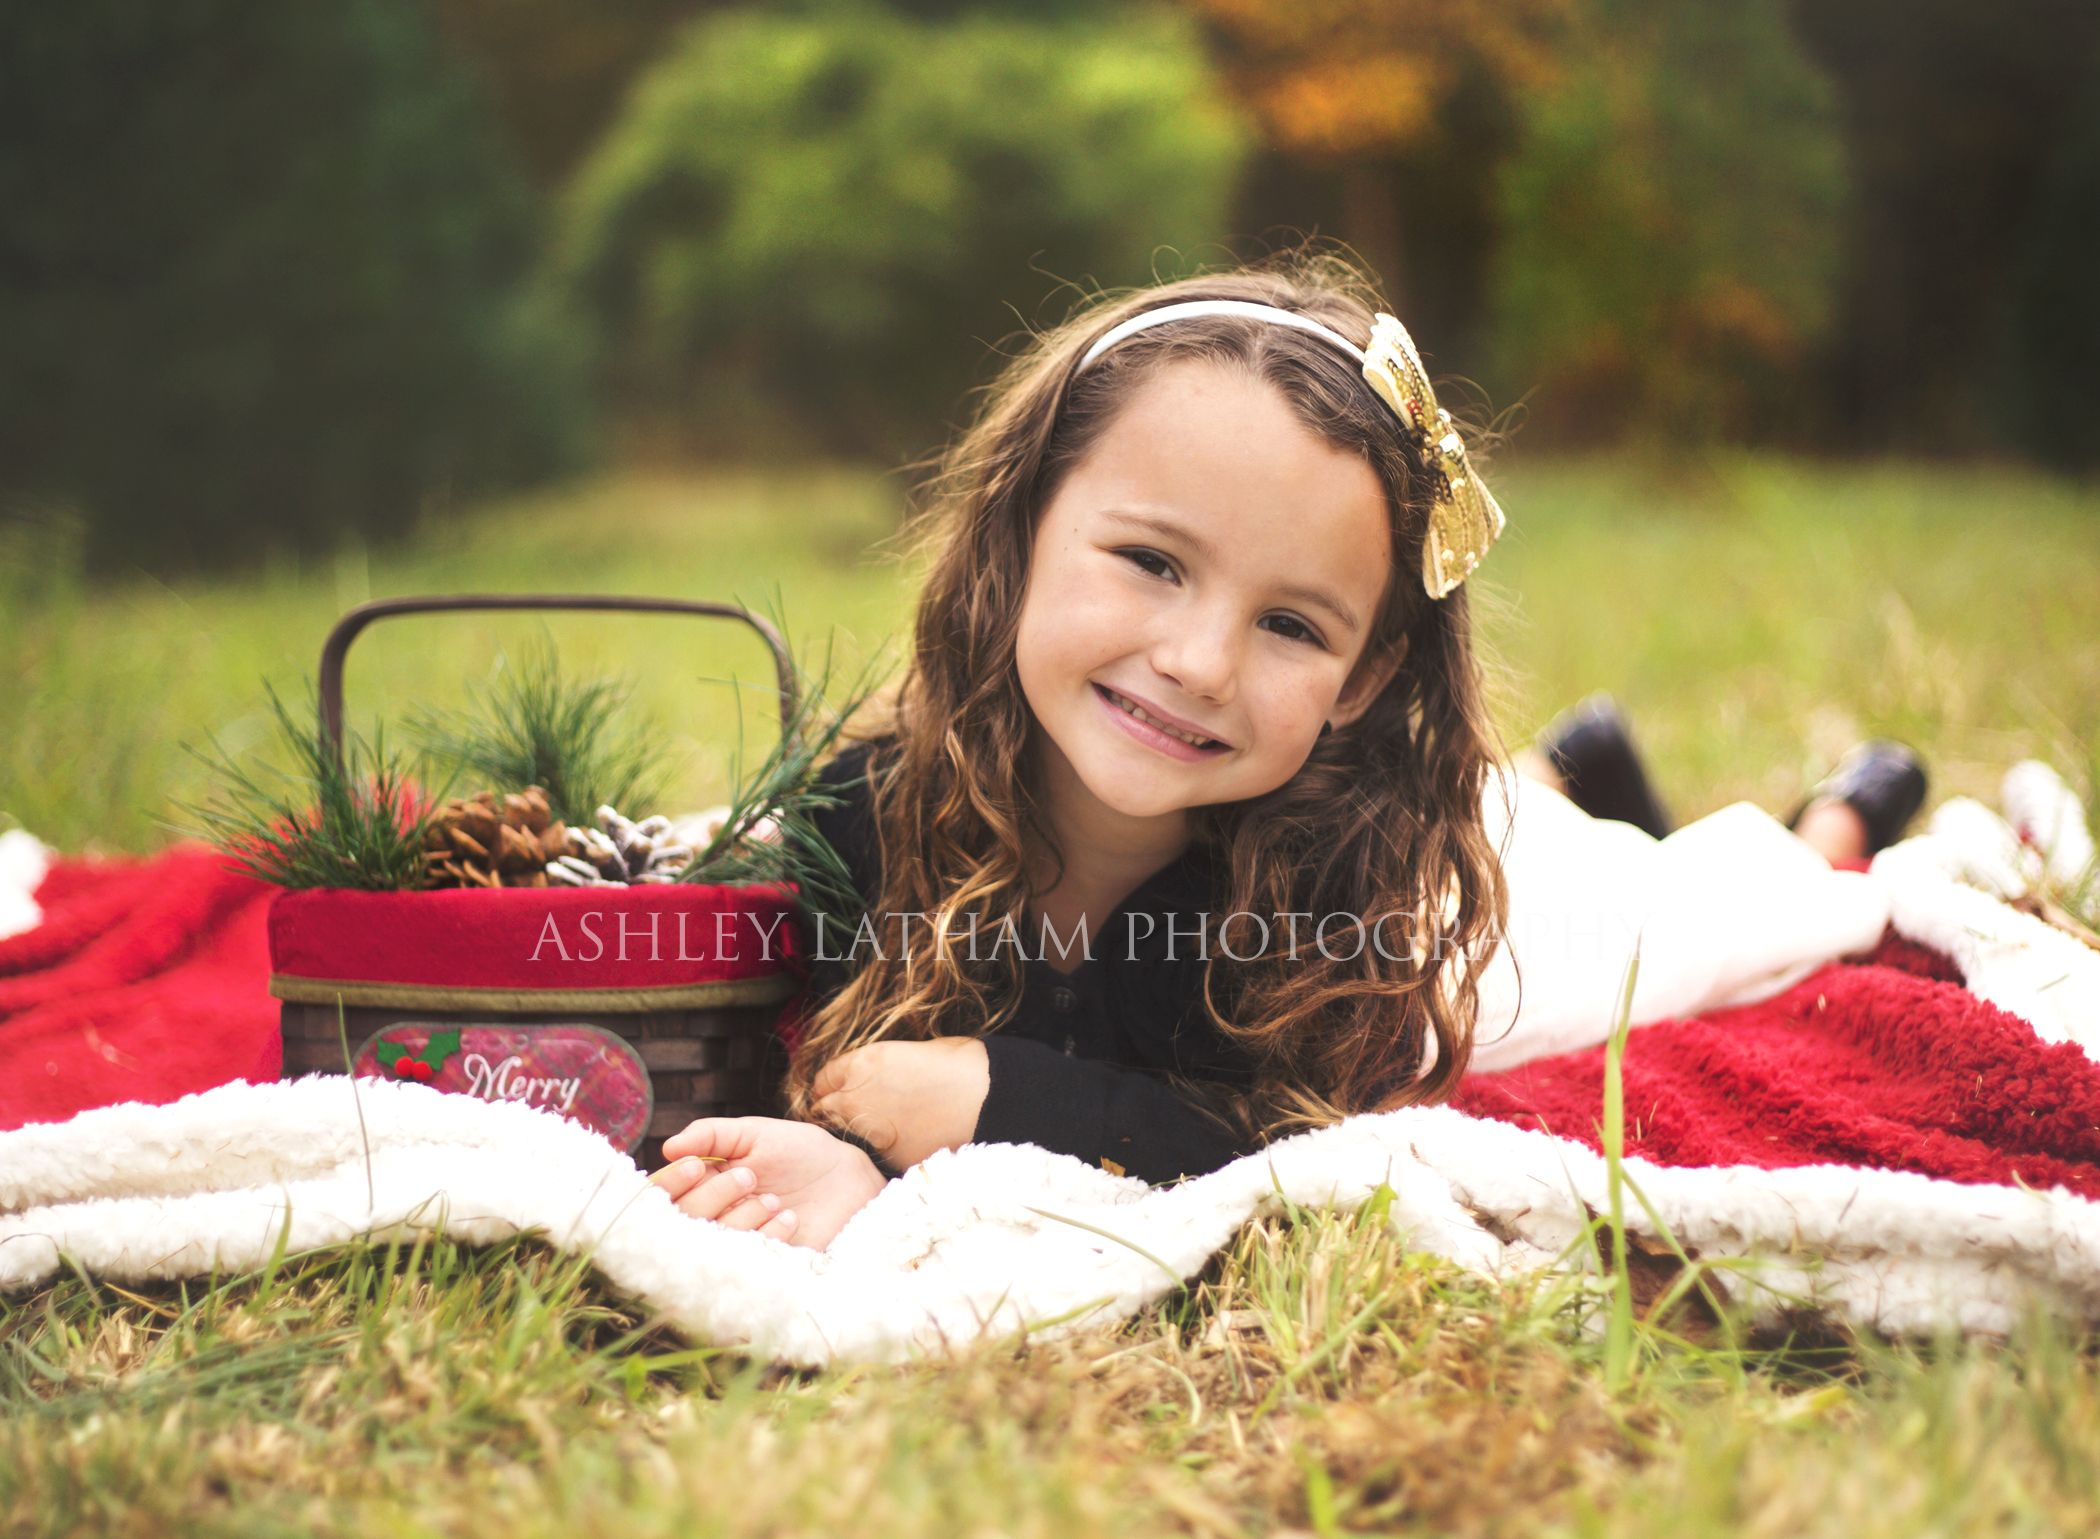 Ashley Latham Photography  North Carolina Photographer www.AshleyLathamPhotography.com